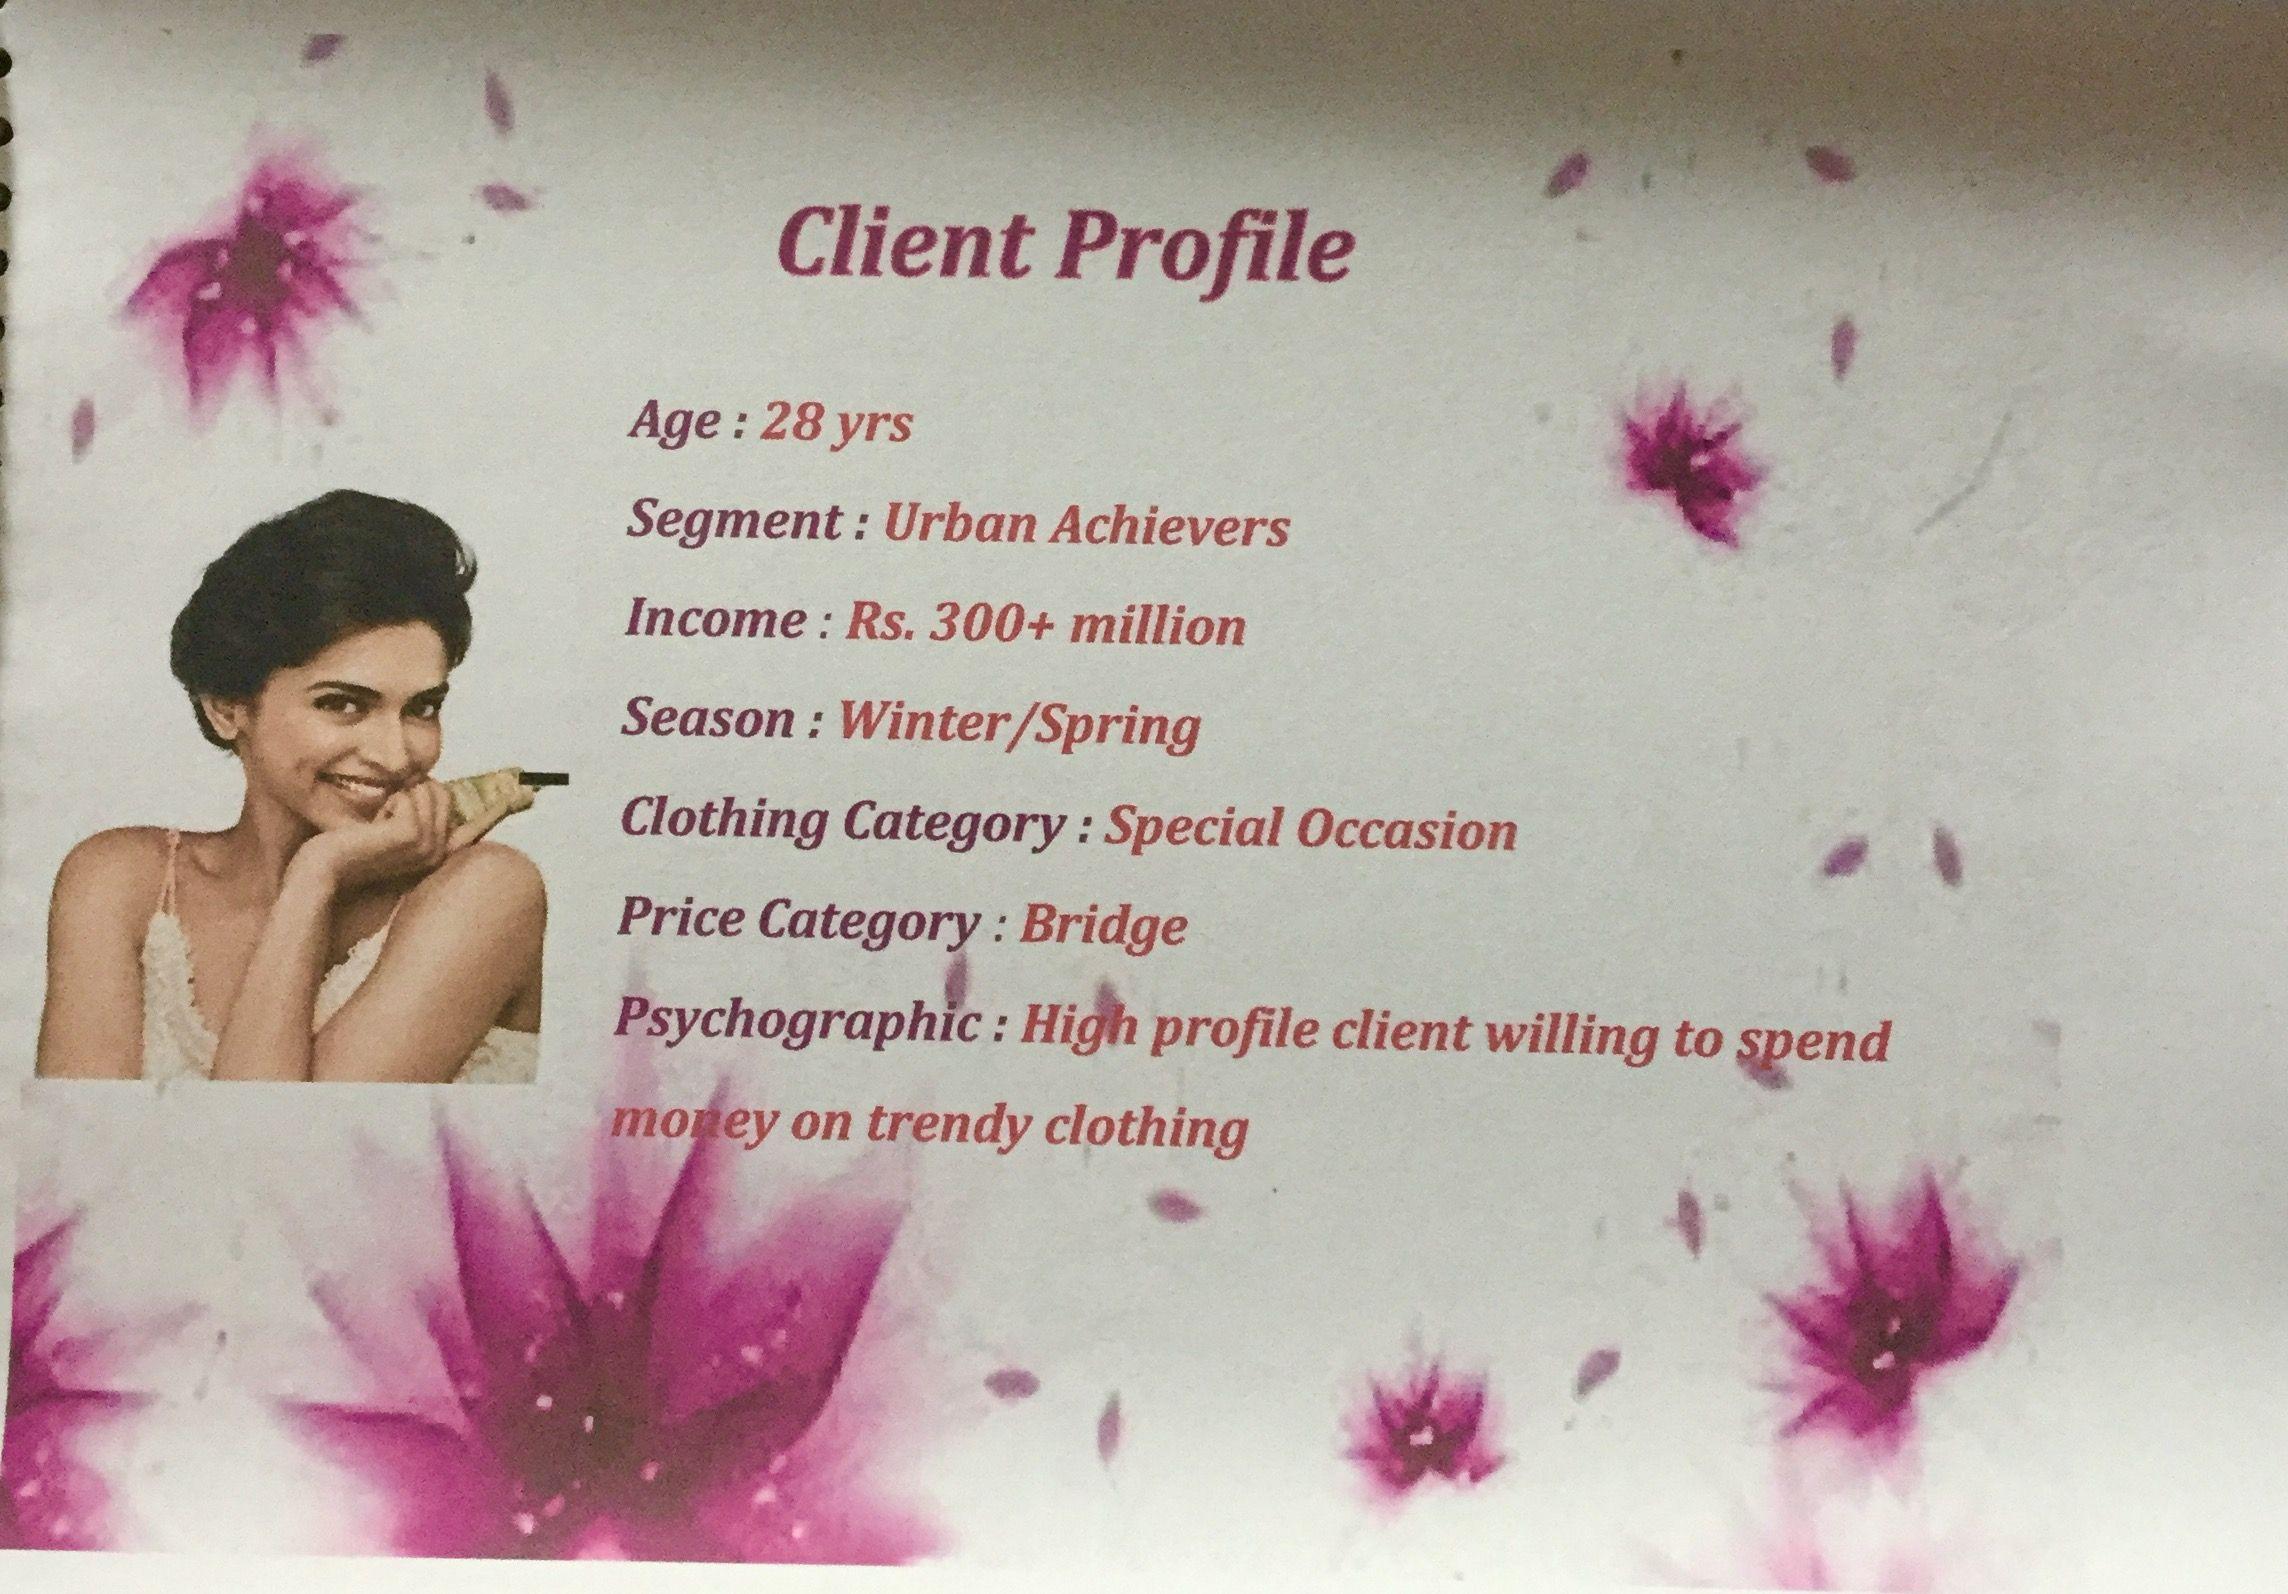 Client Profile Client Profile Spending Money Trendy Outfits